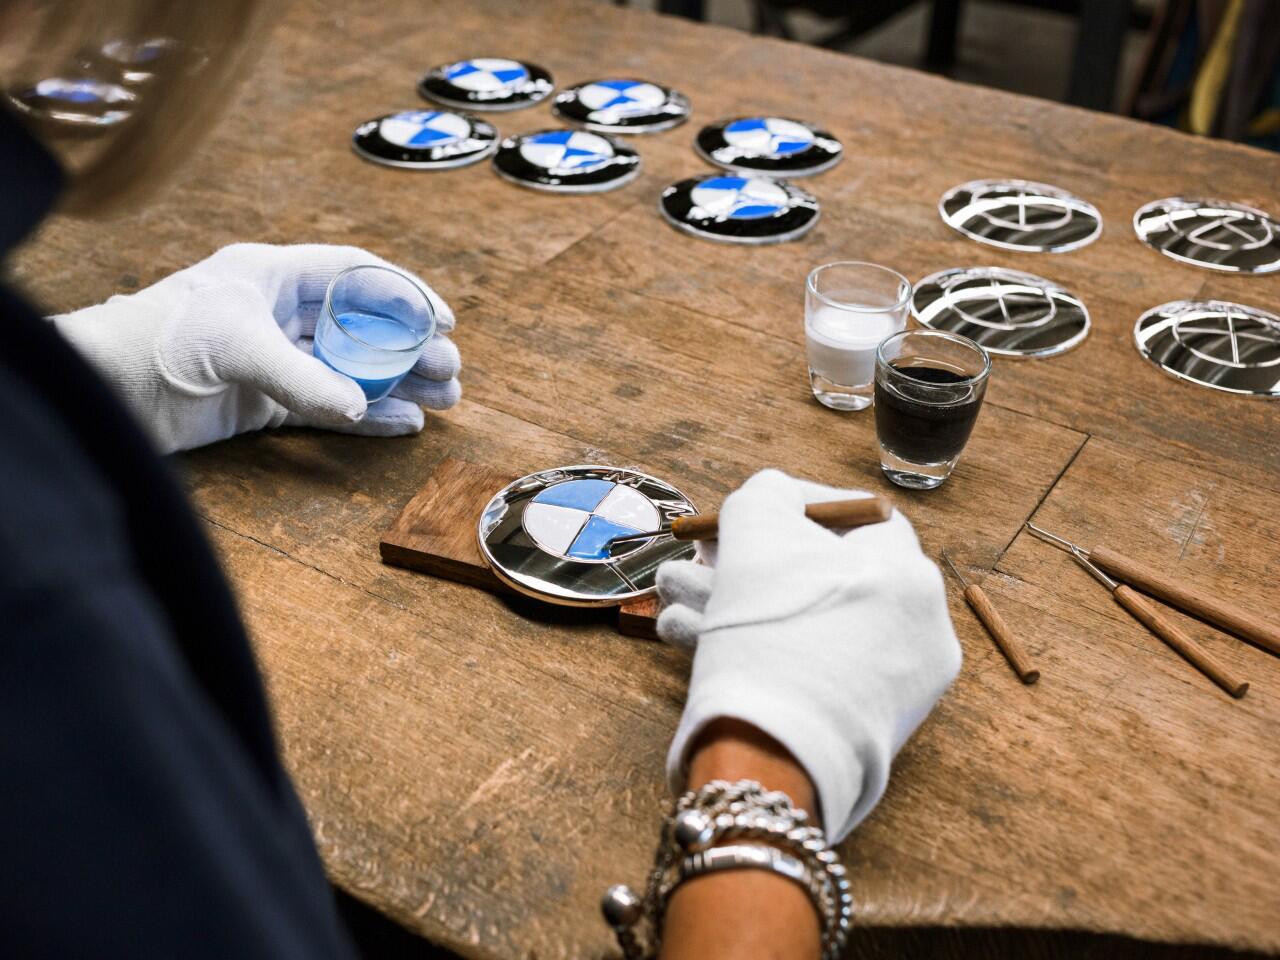 Bild zu Handarbeit bis ins feinste Detail: Emaillierung des BMW-Logos